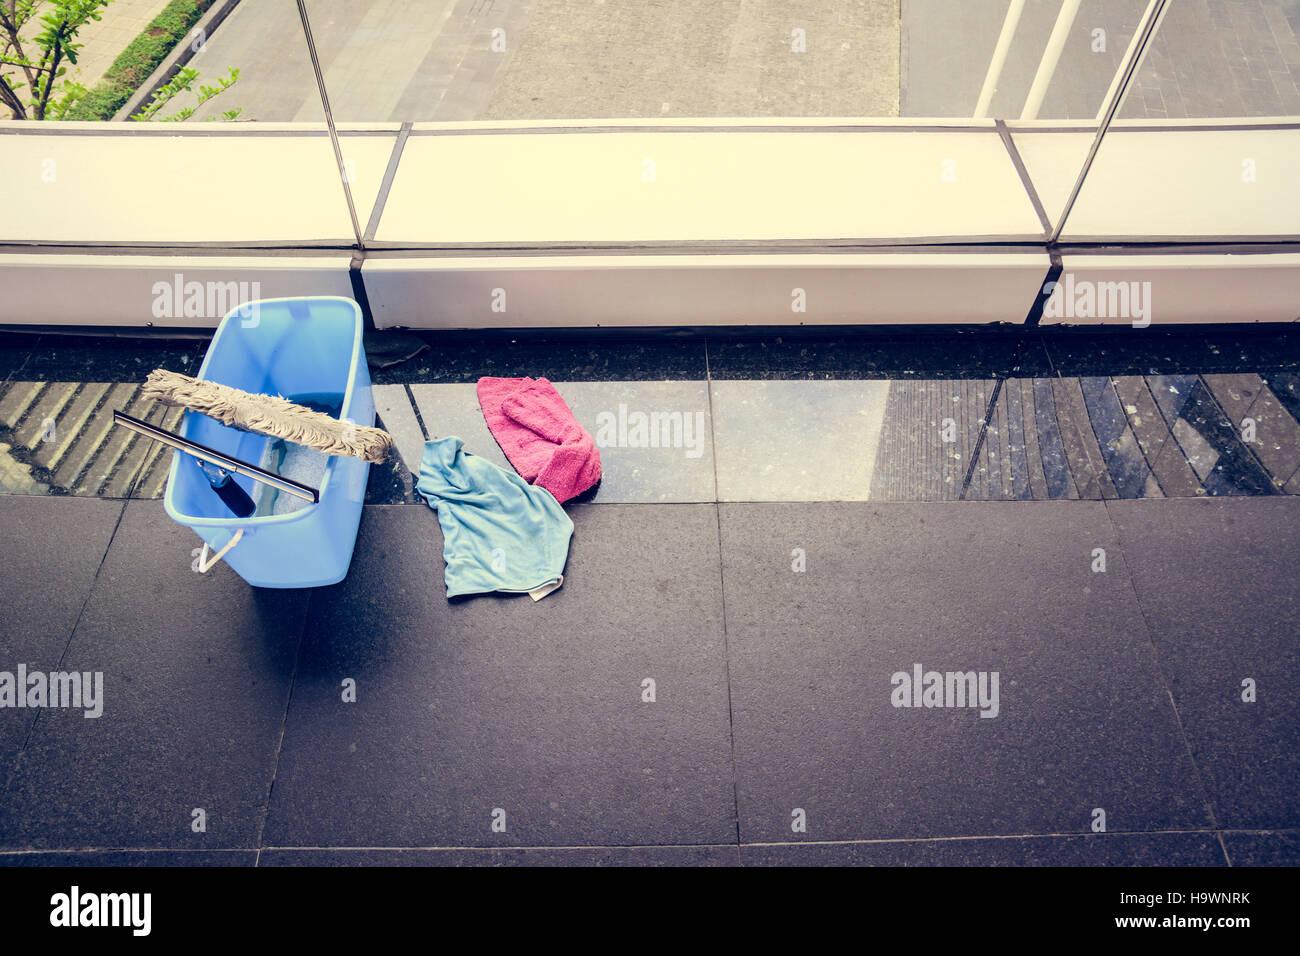 clean glass tools tone vintage plus vignette - Stock Image